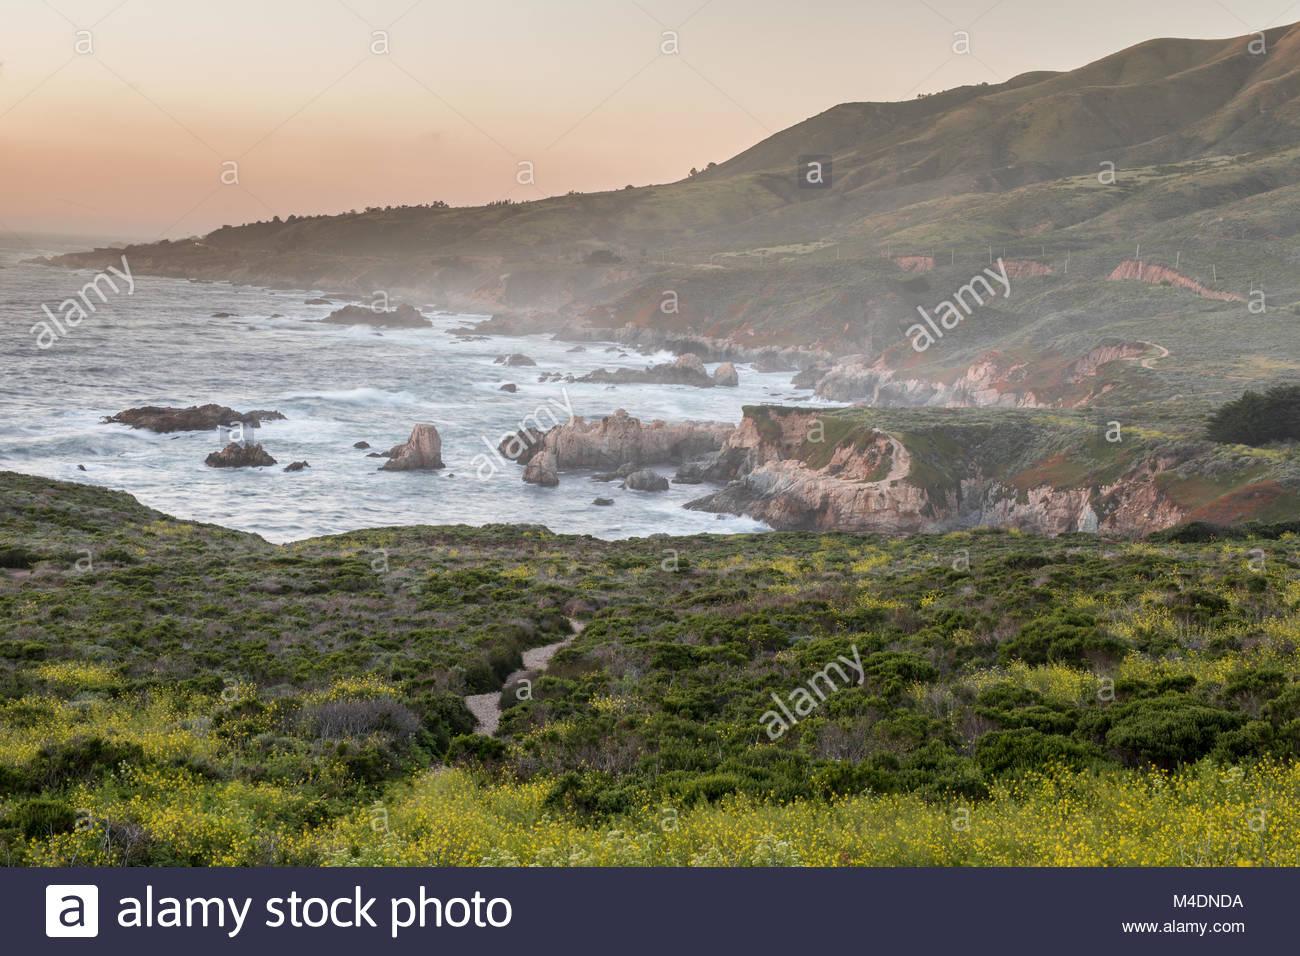 Costa frastagliata Tramonto di Carmel-By-The-Sea. Immagini Stock